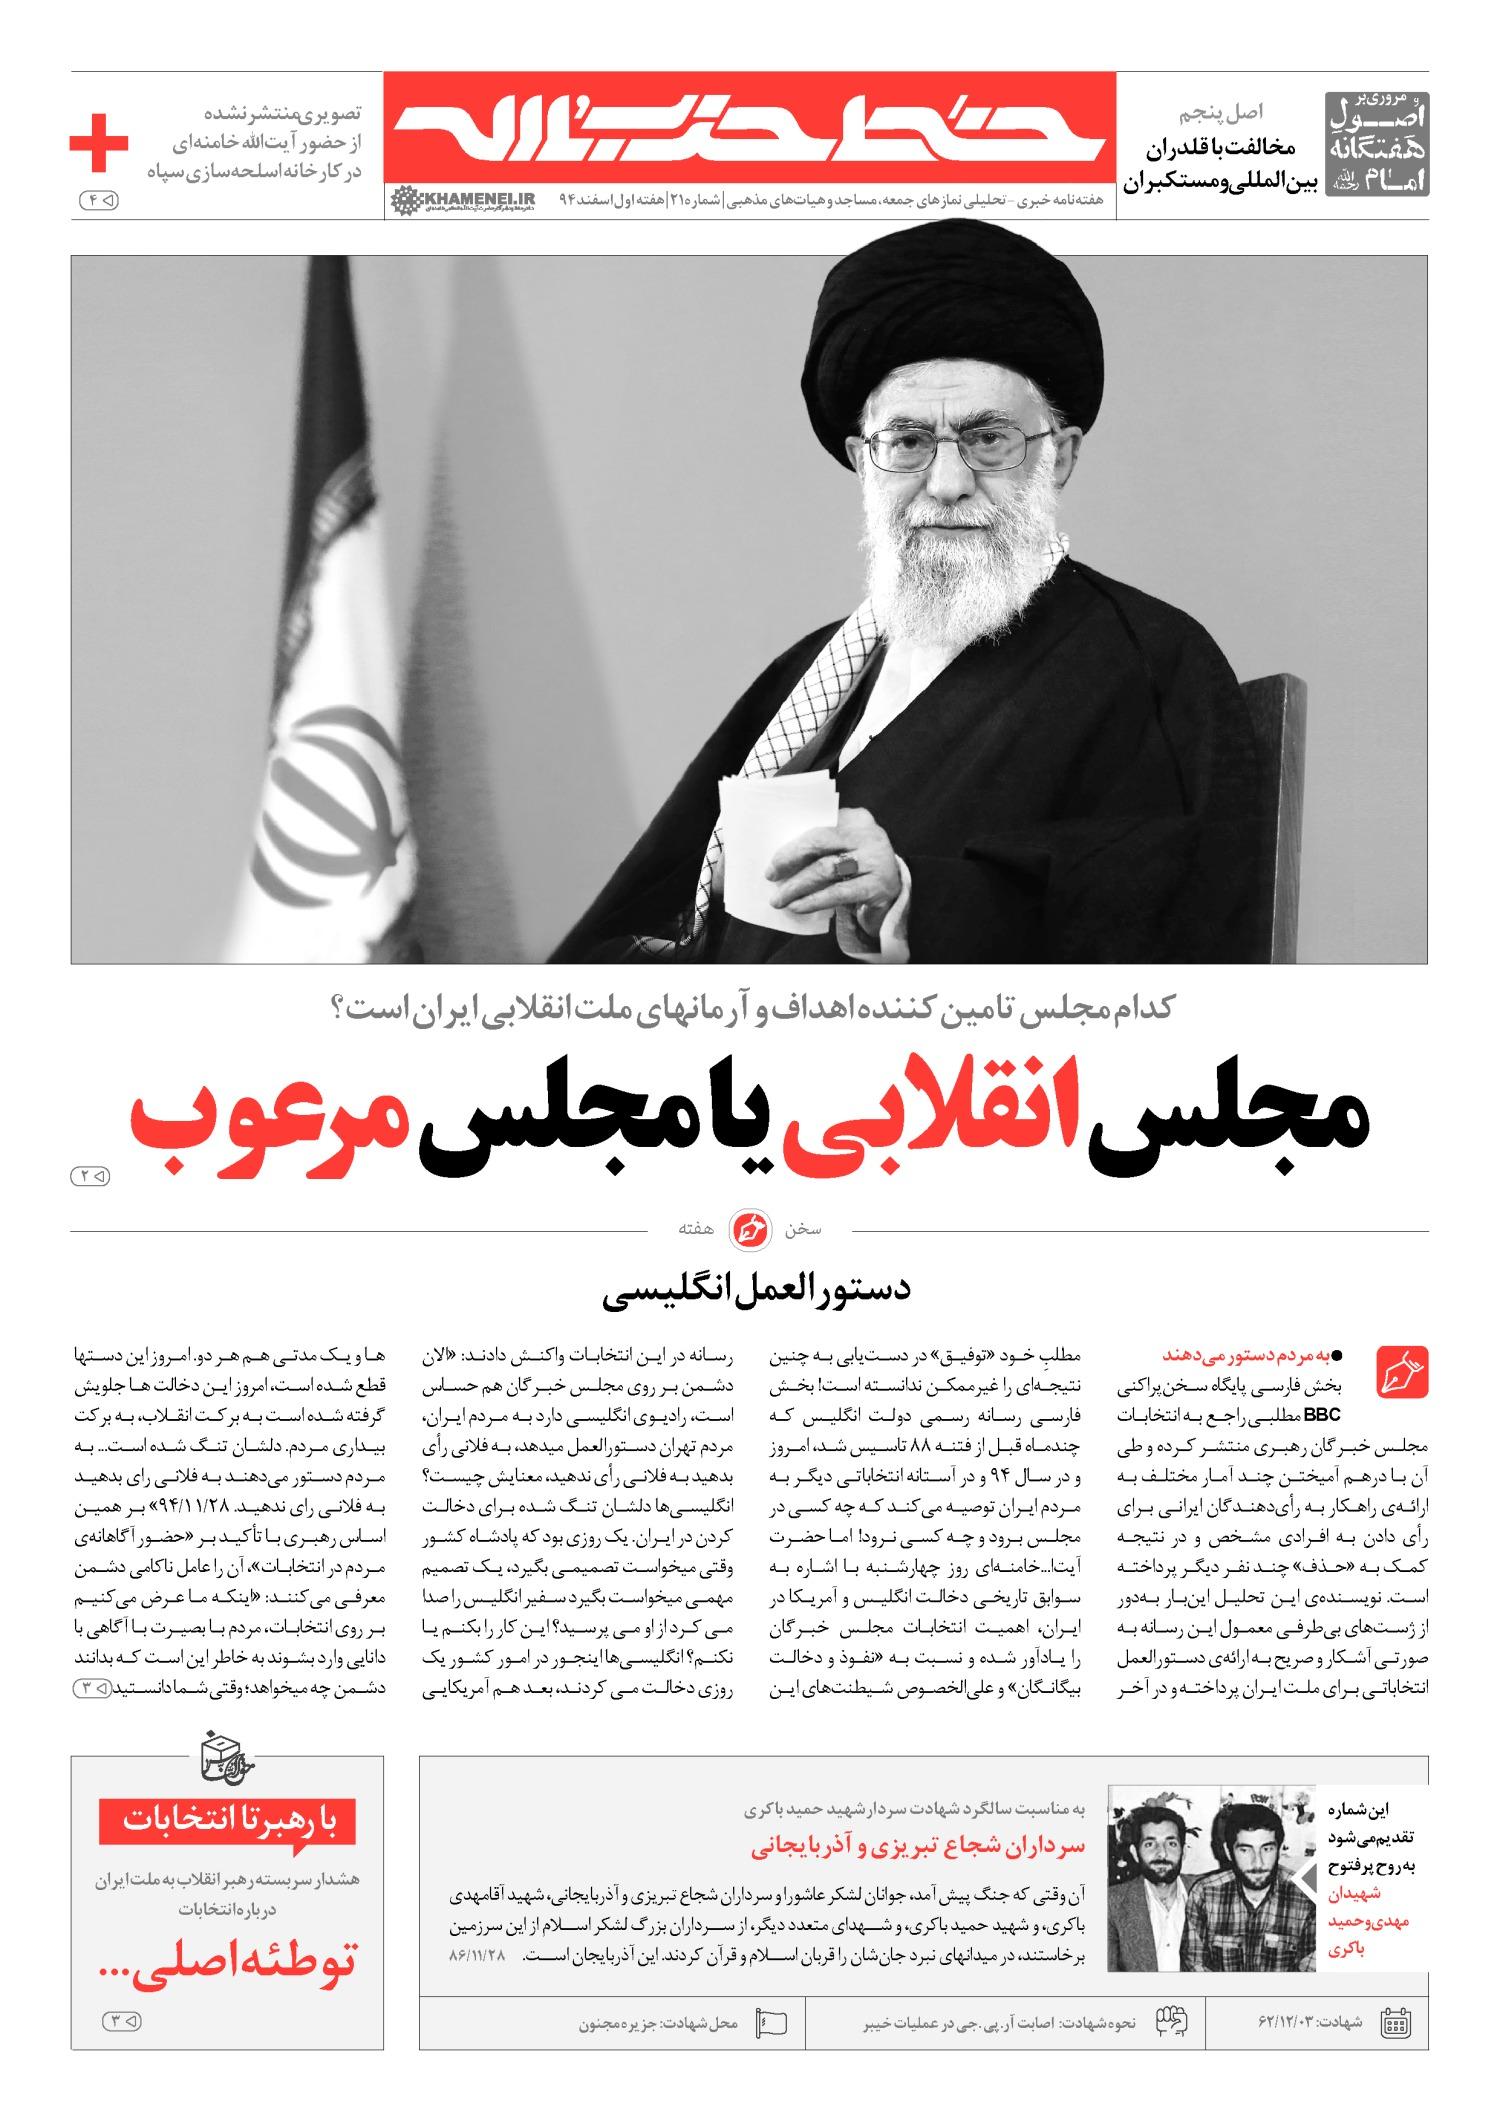 خط حزب الله -شماره پنجم خط حزب الله -شماره بیست و یکم page large 11 4